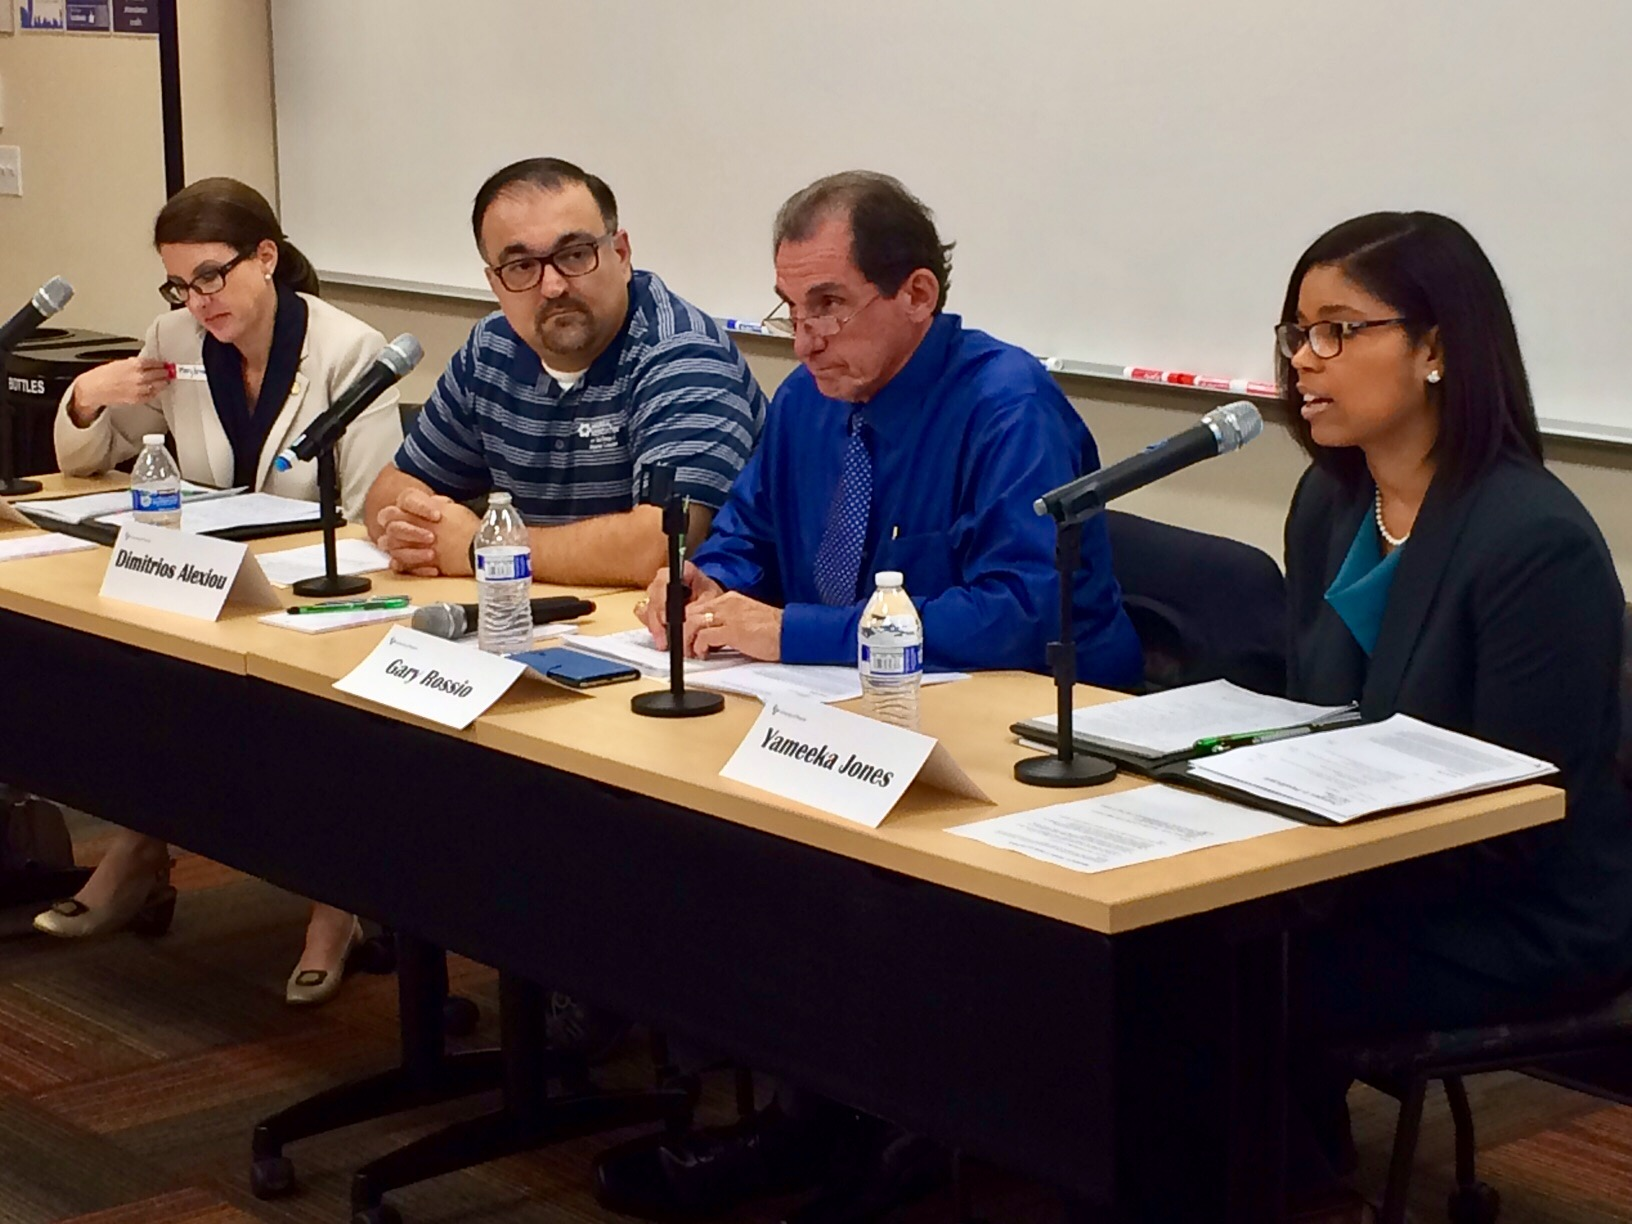 Yameeka on Panel of 4 people